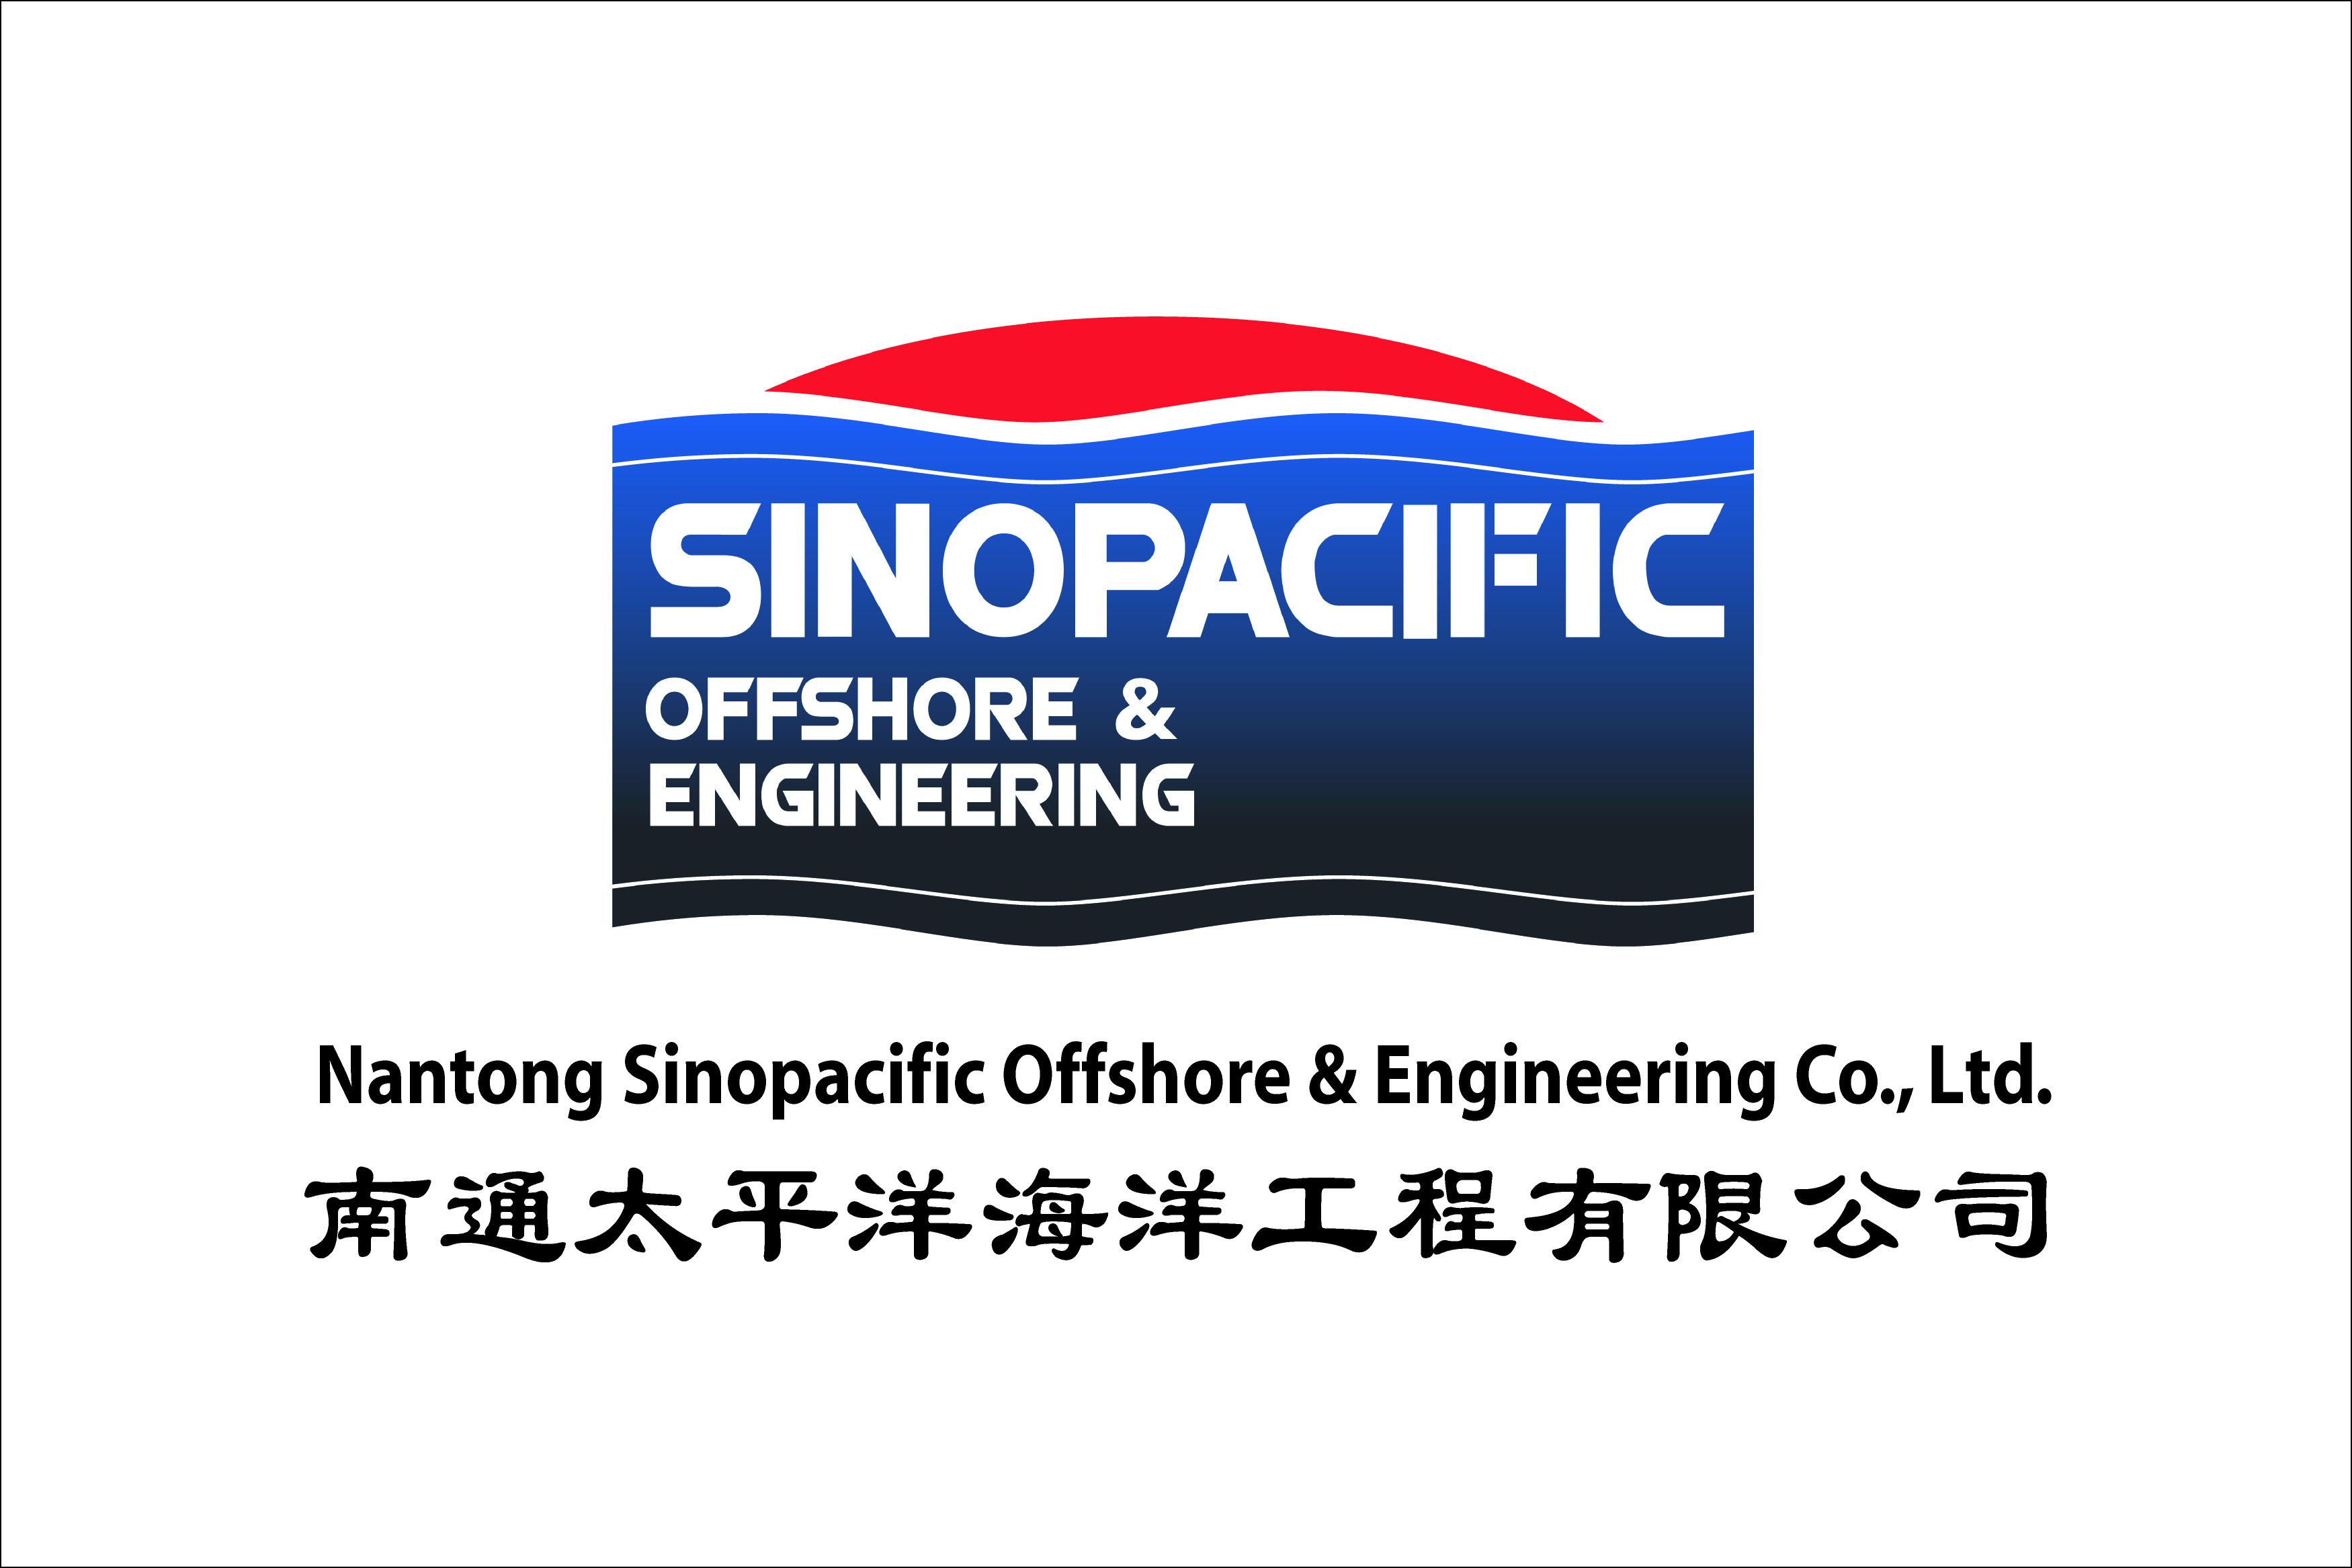 南通中集太平洋海洋工程有限公司